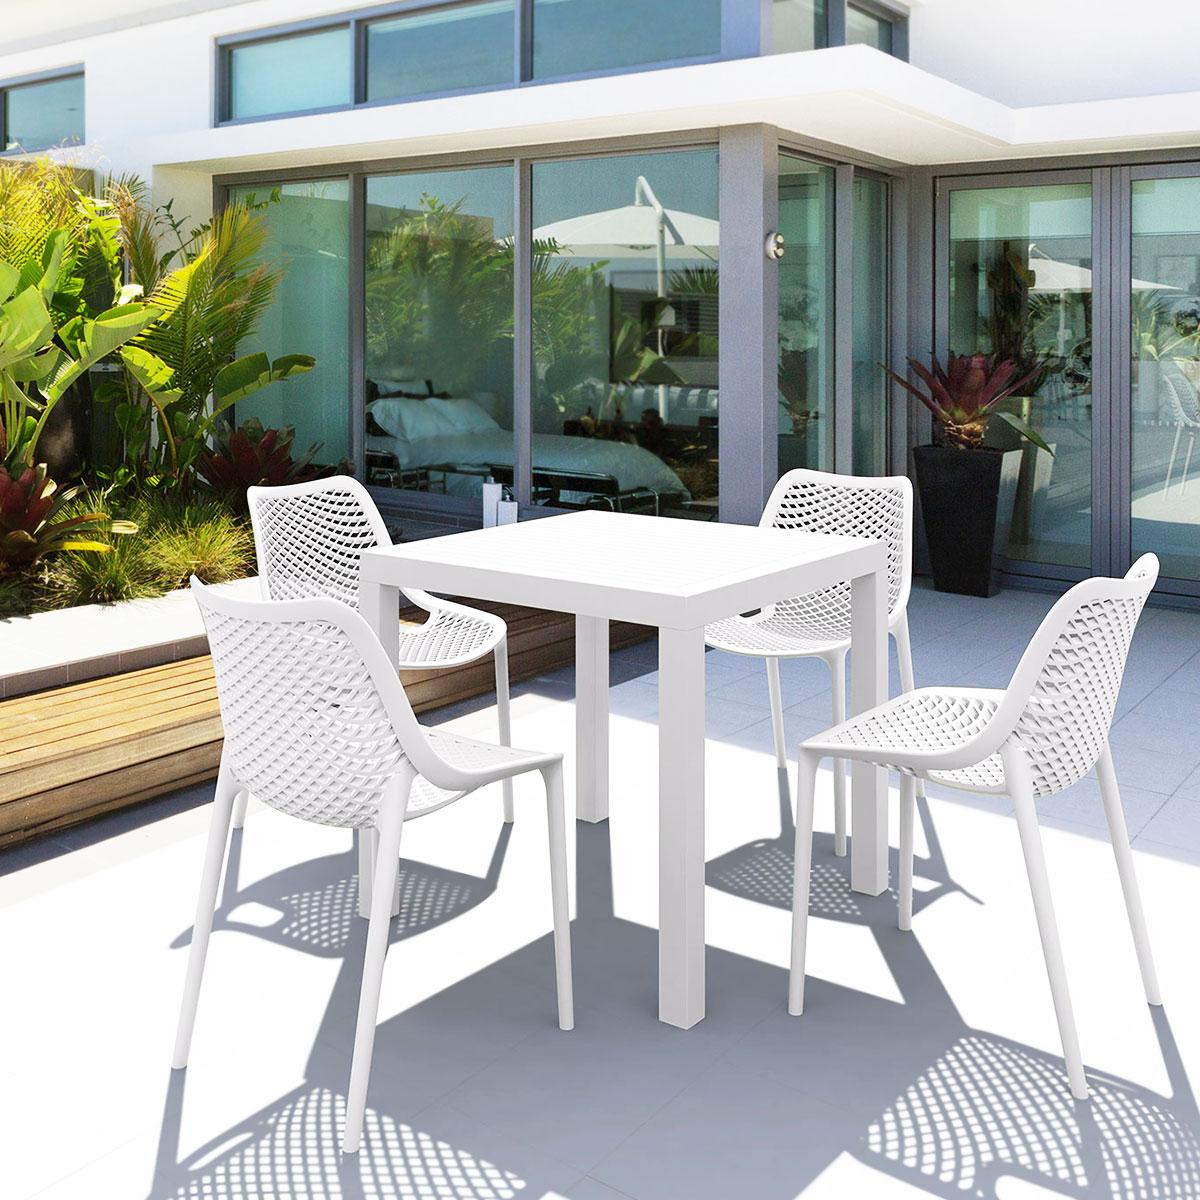 Salon de jardin en polypropylène blanc 4 chaises et 1 table carrée, Air